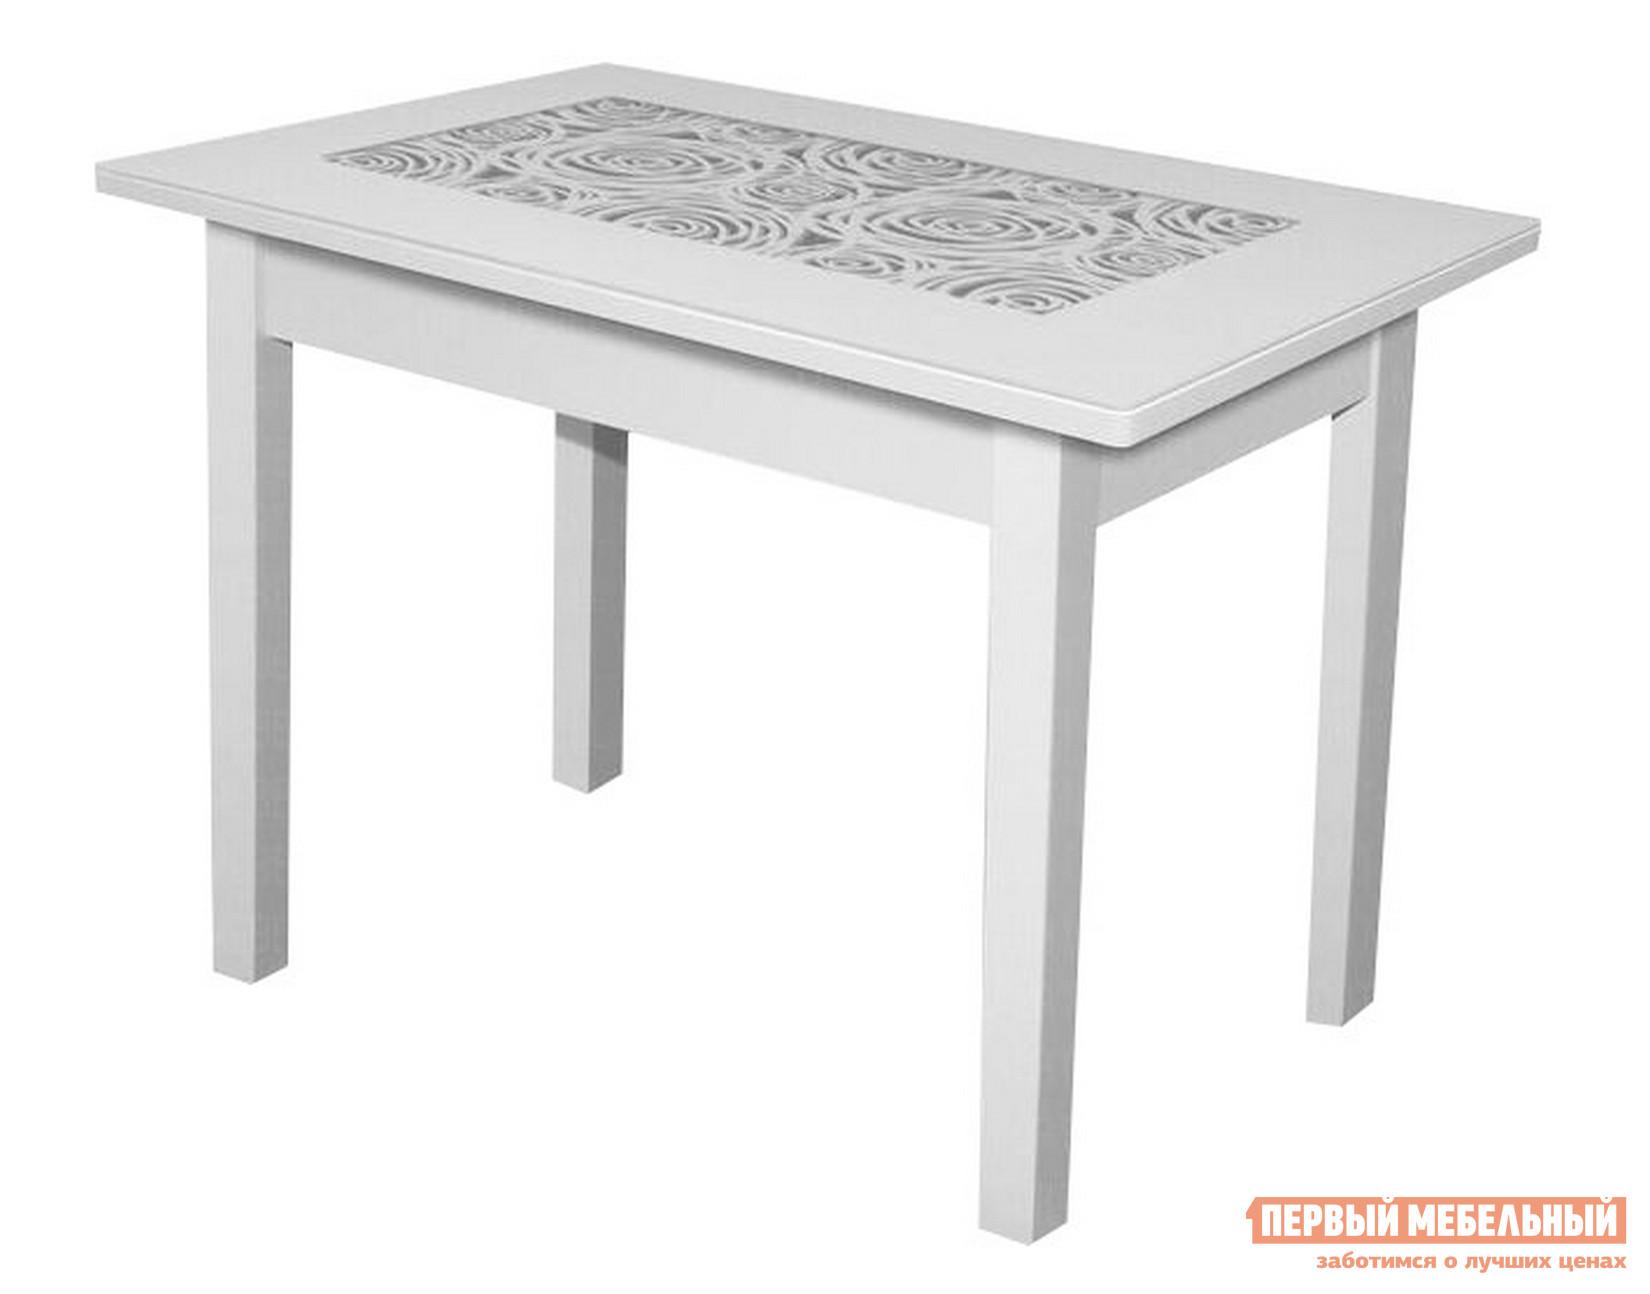 Обеденный стол  Ажур Квадро Р-27 Белый / Белый